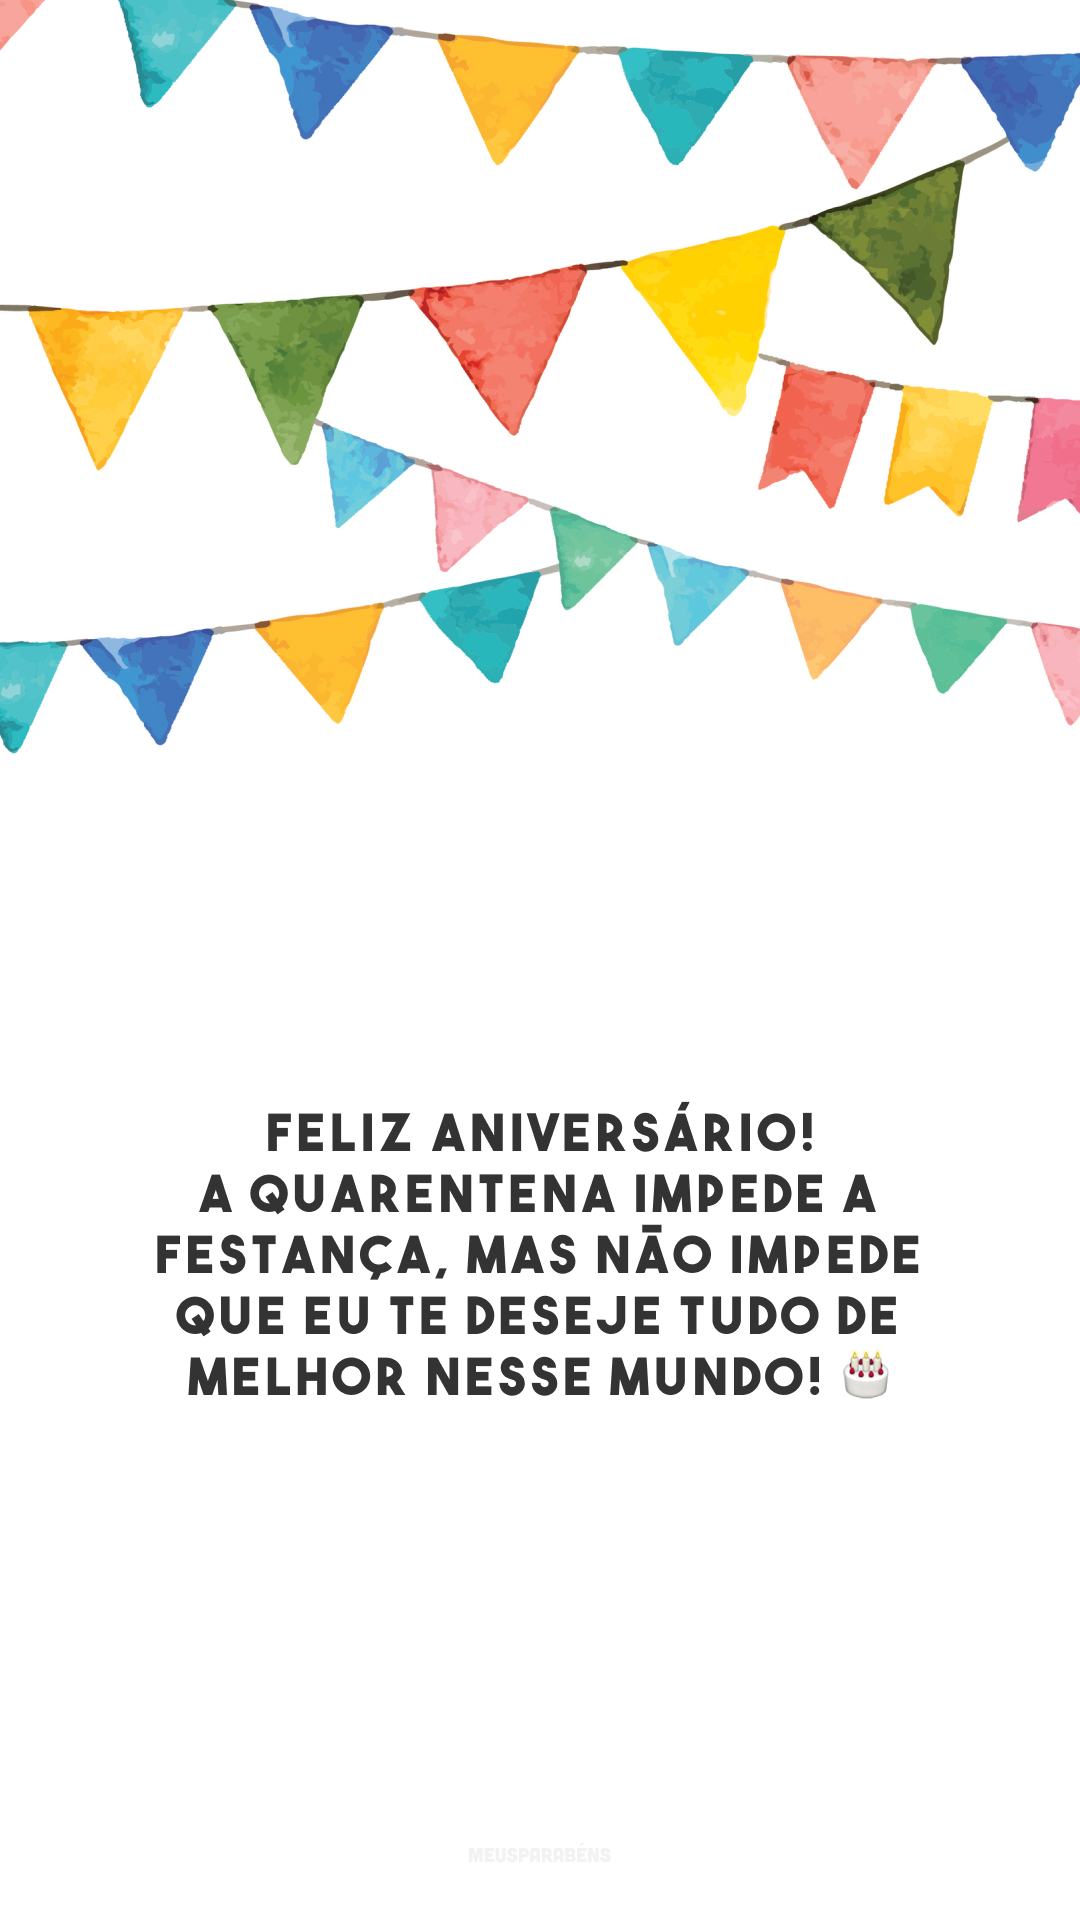 Feliz aniversário! A quarentena impede a festança, mas não impede que eu te deseje tudo de melhor nesse mundo! 🎂